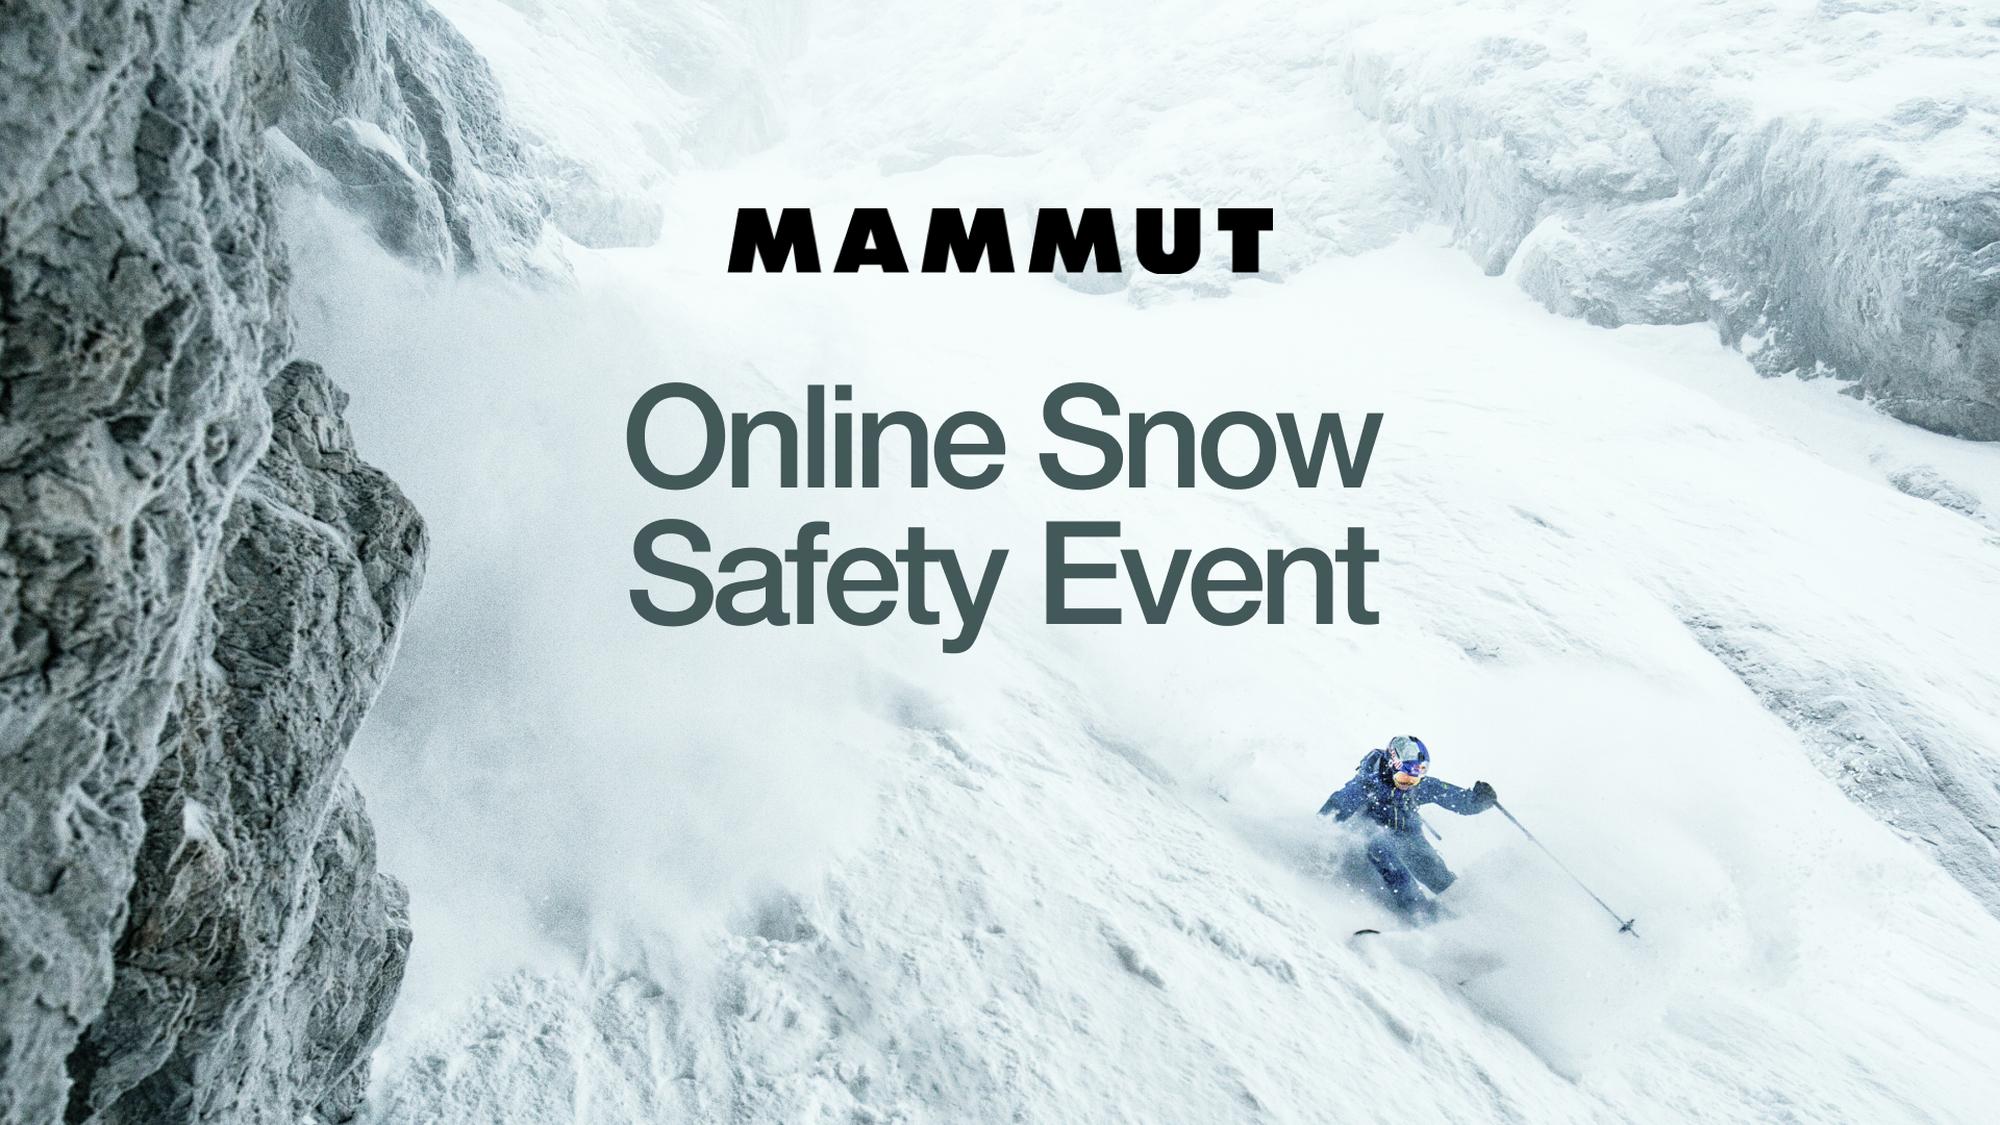 Lawinensicherheit online: Mammut lädt zum Youtube-Workshop